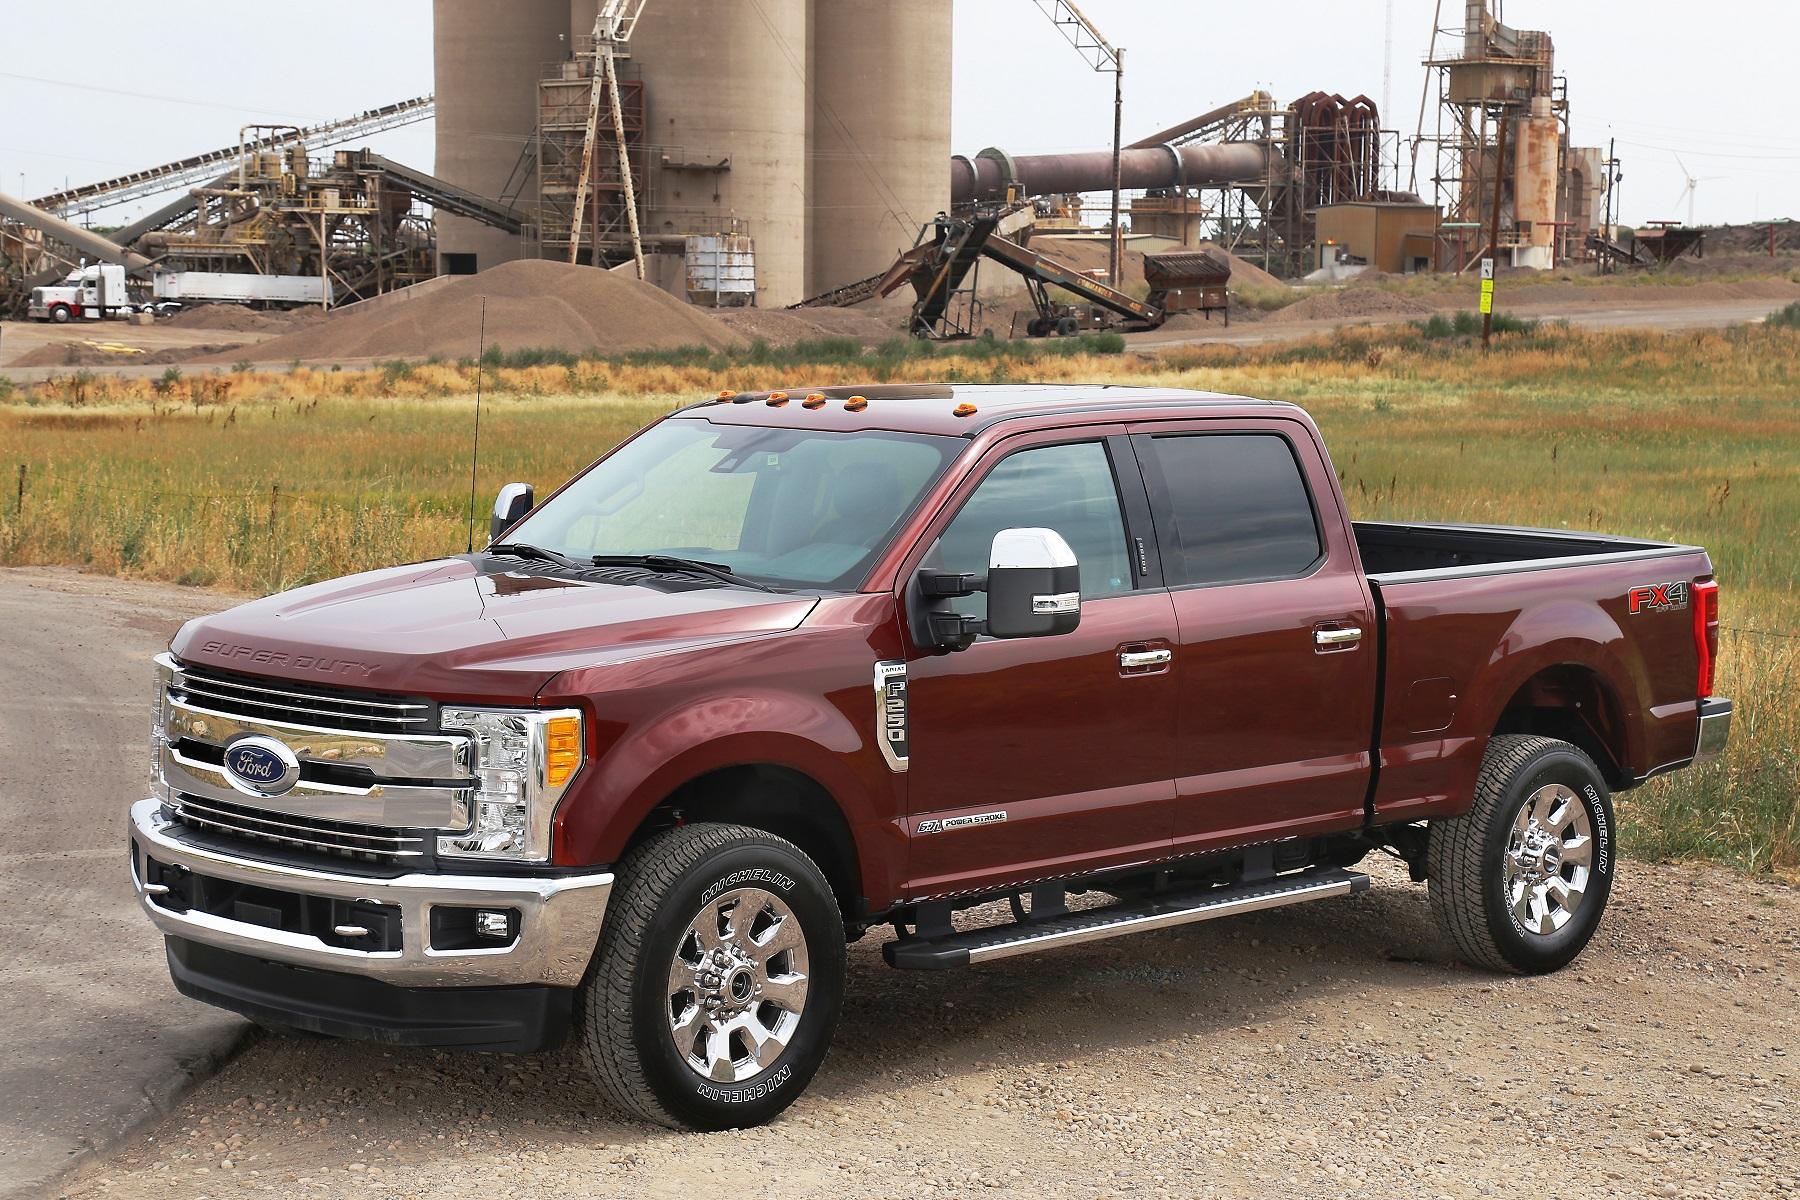 Ford F 250 Buyers Want Big Luxury in 2017 Trucks Truck Talk